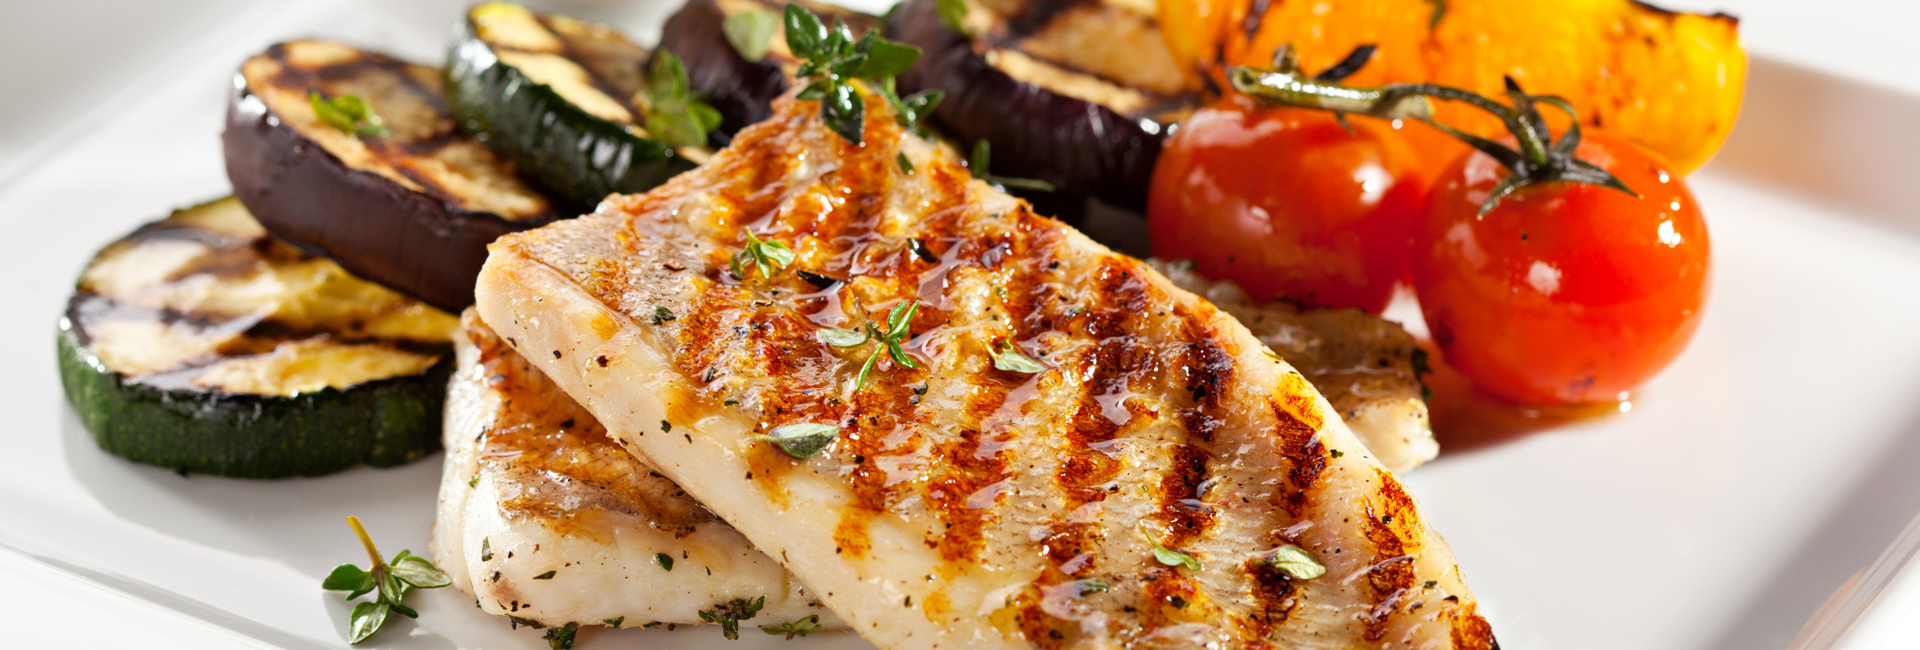 Halaal Fish